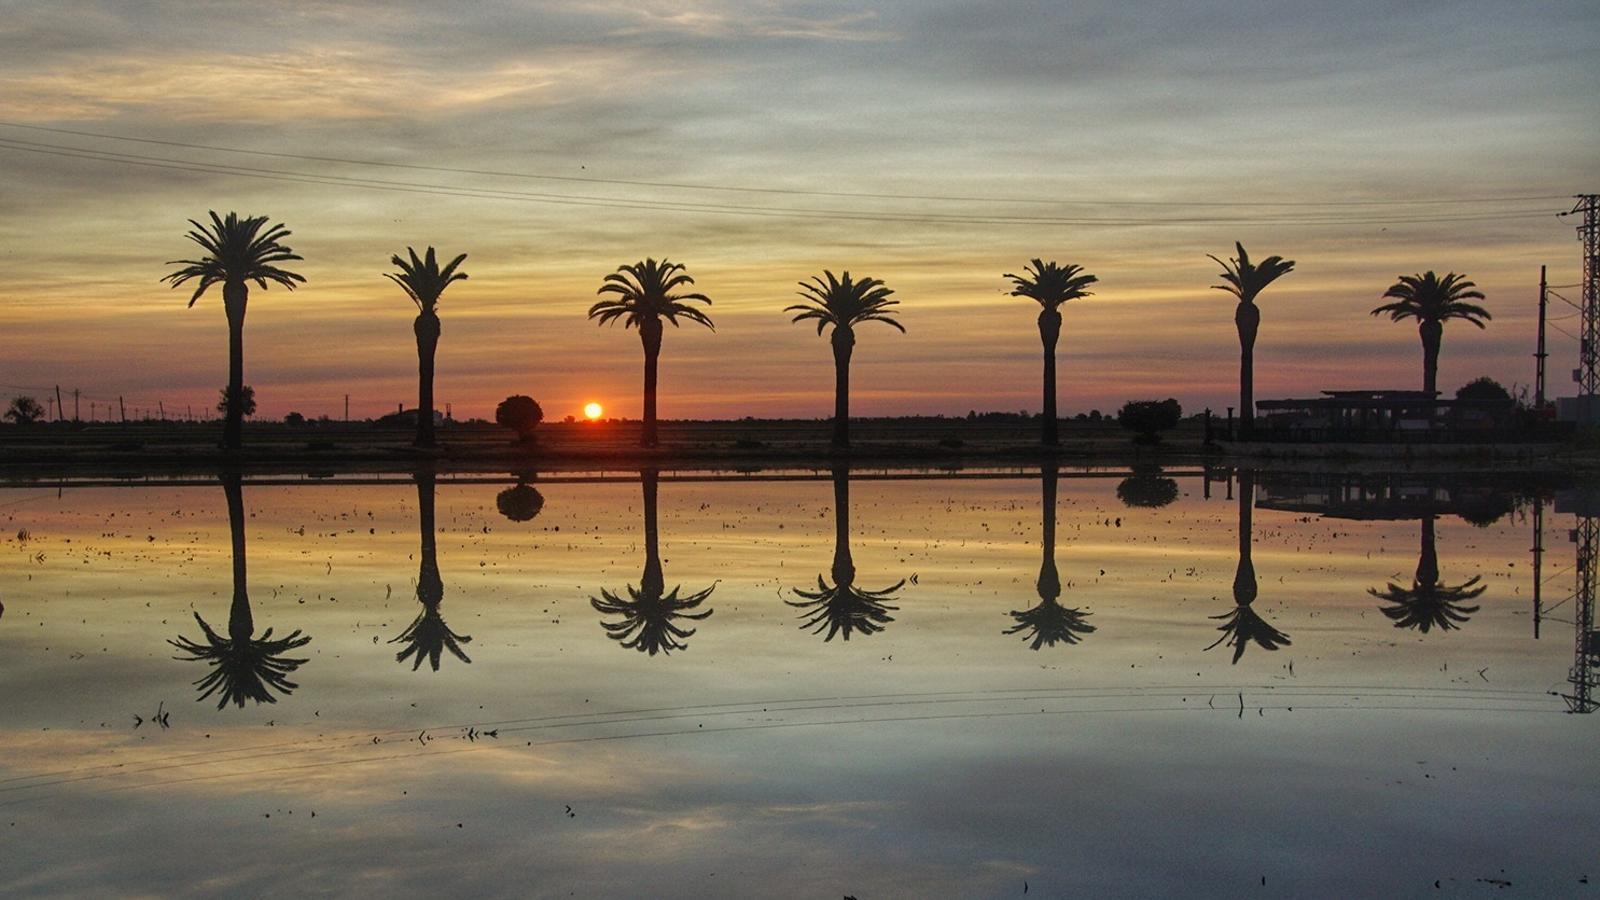 La llum de l'alba reflectida als arrossars aquest matí al Delta de l'Ebre